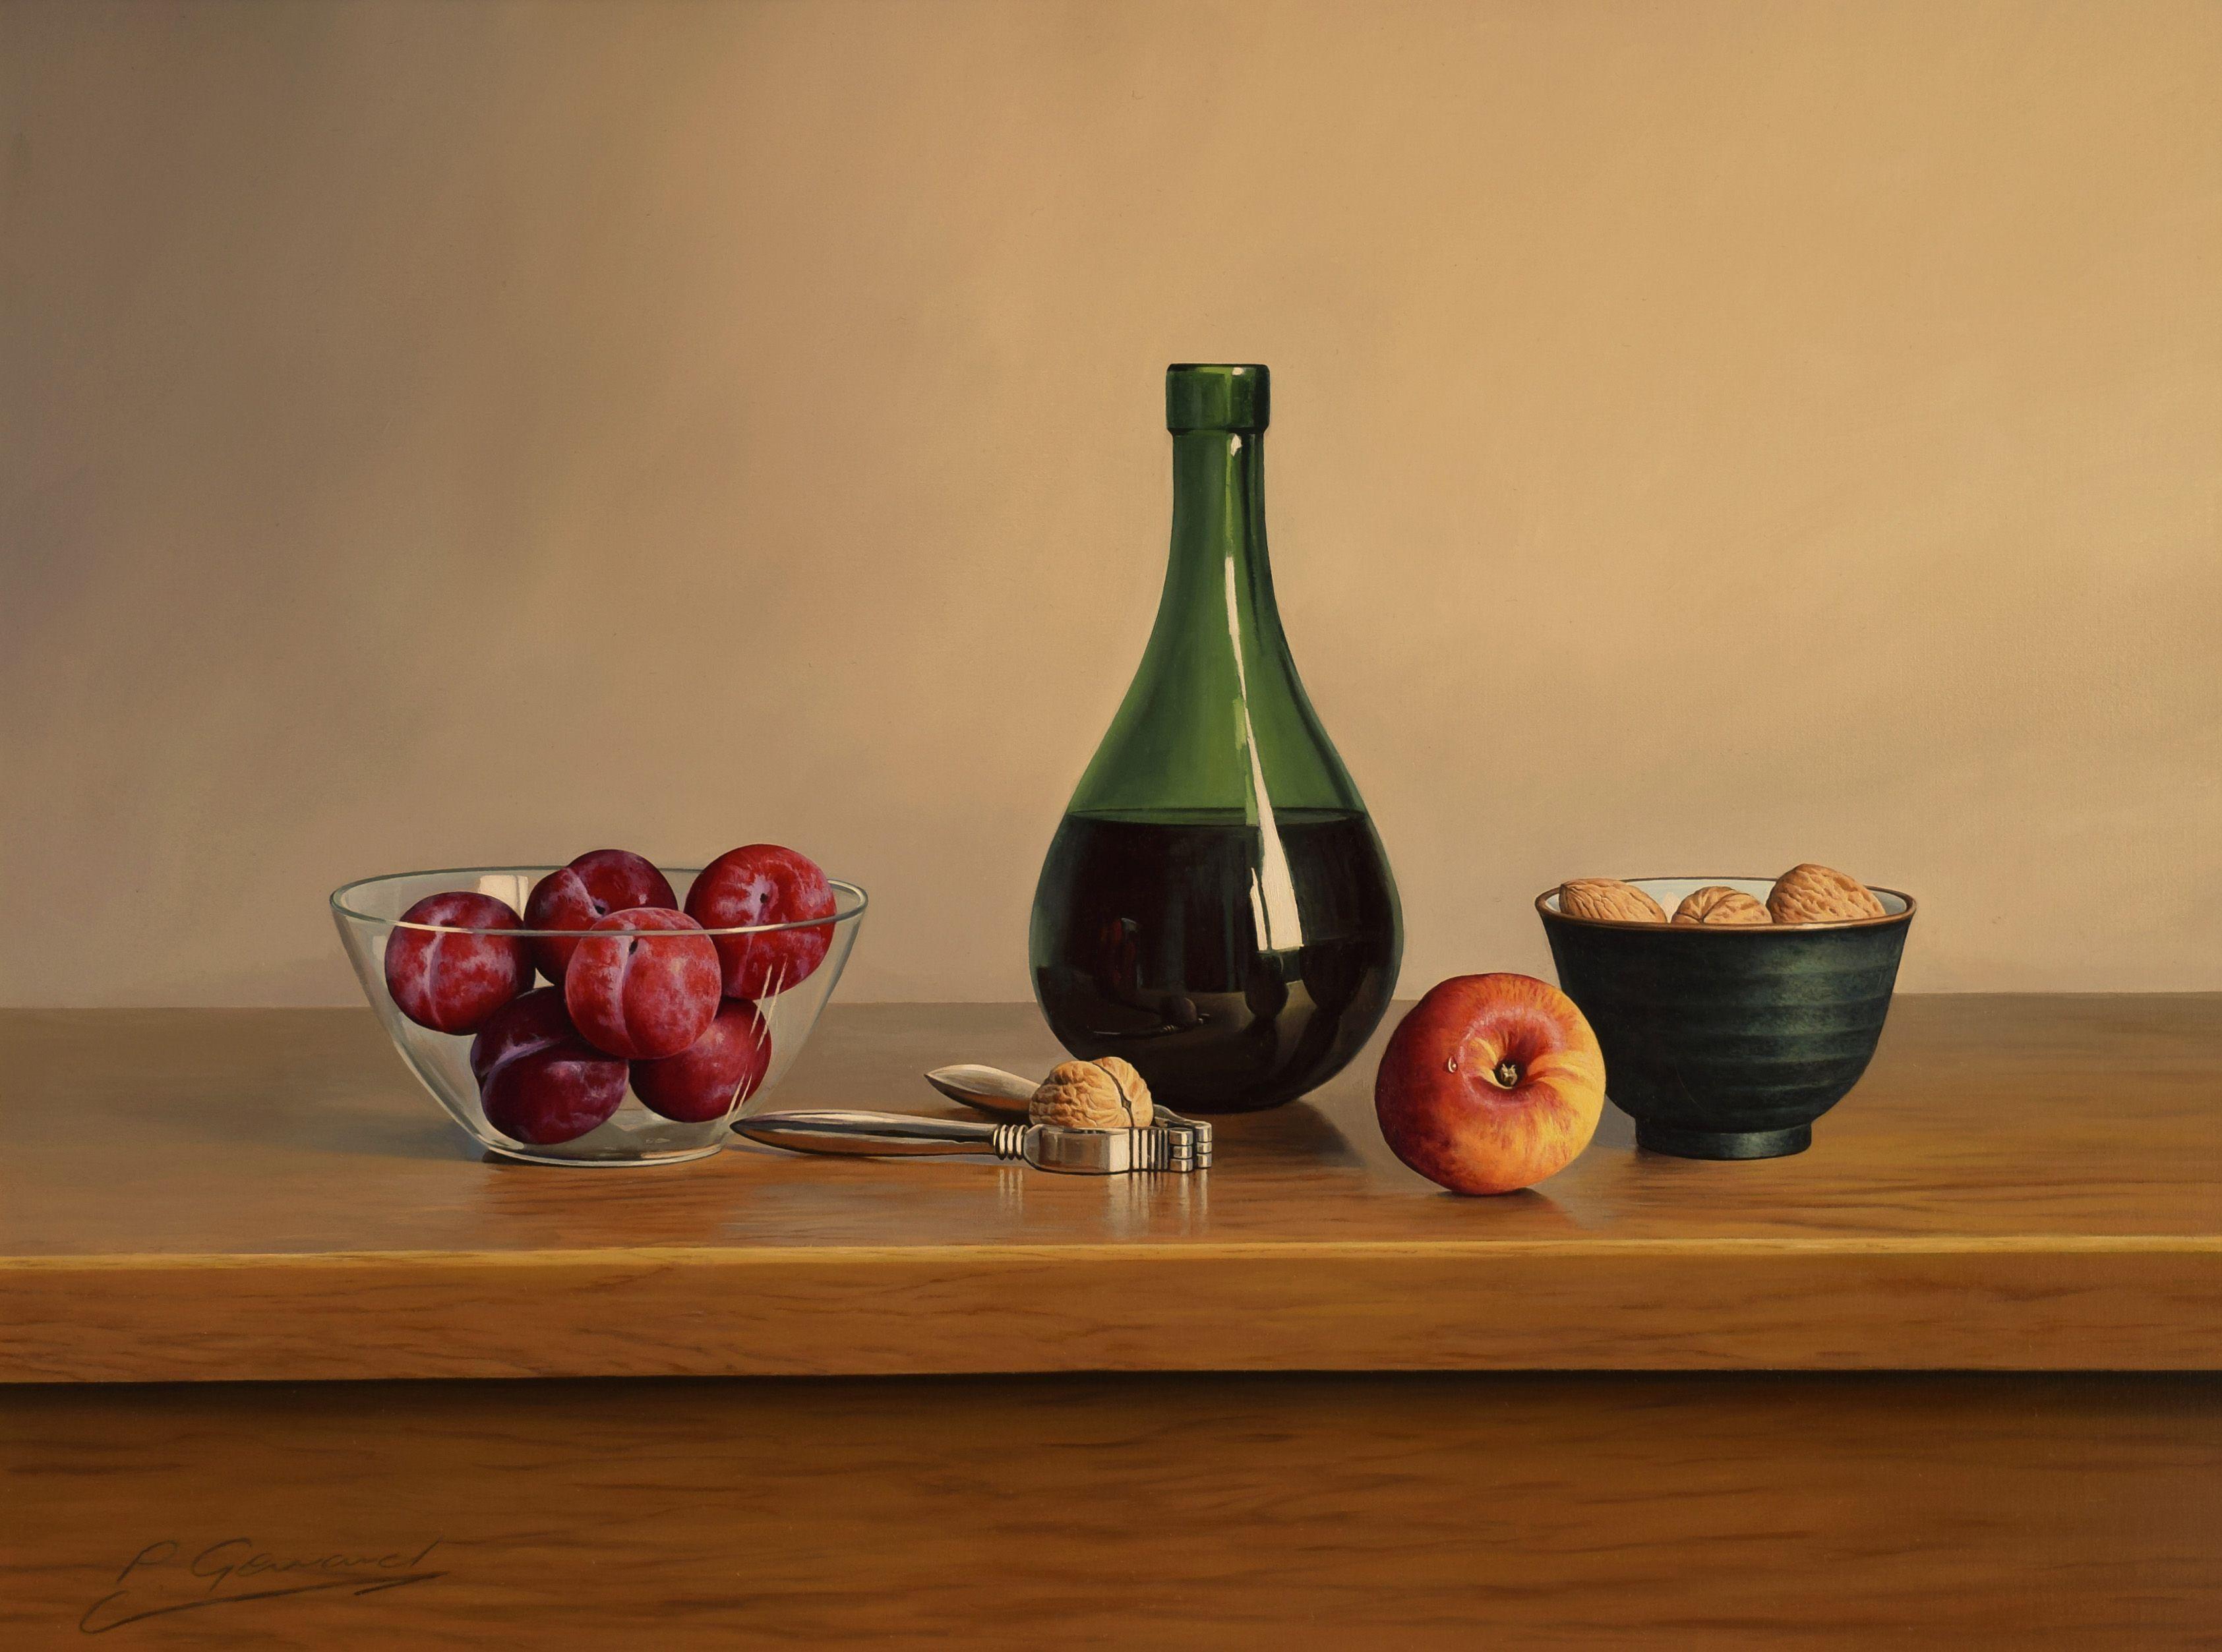 BLACKBERRY WINE, Painting, Oil on MDF Panel